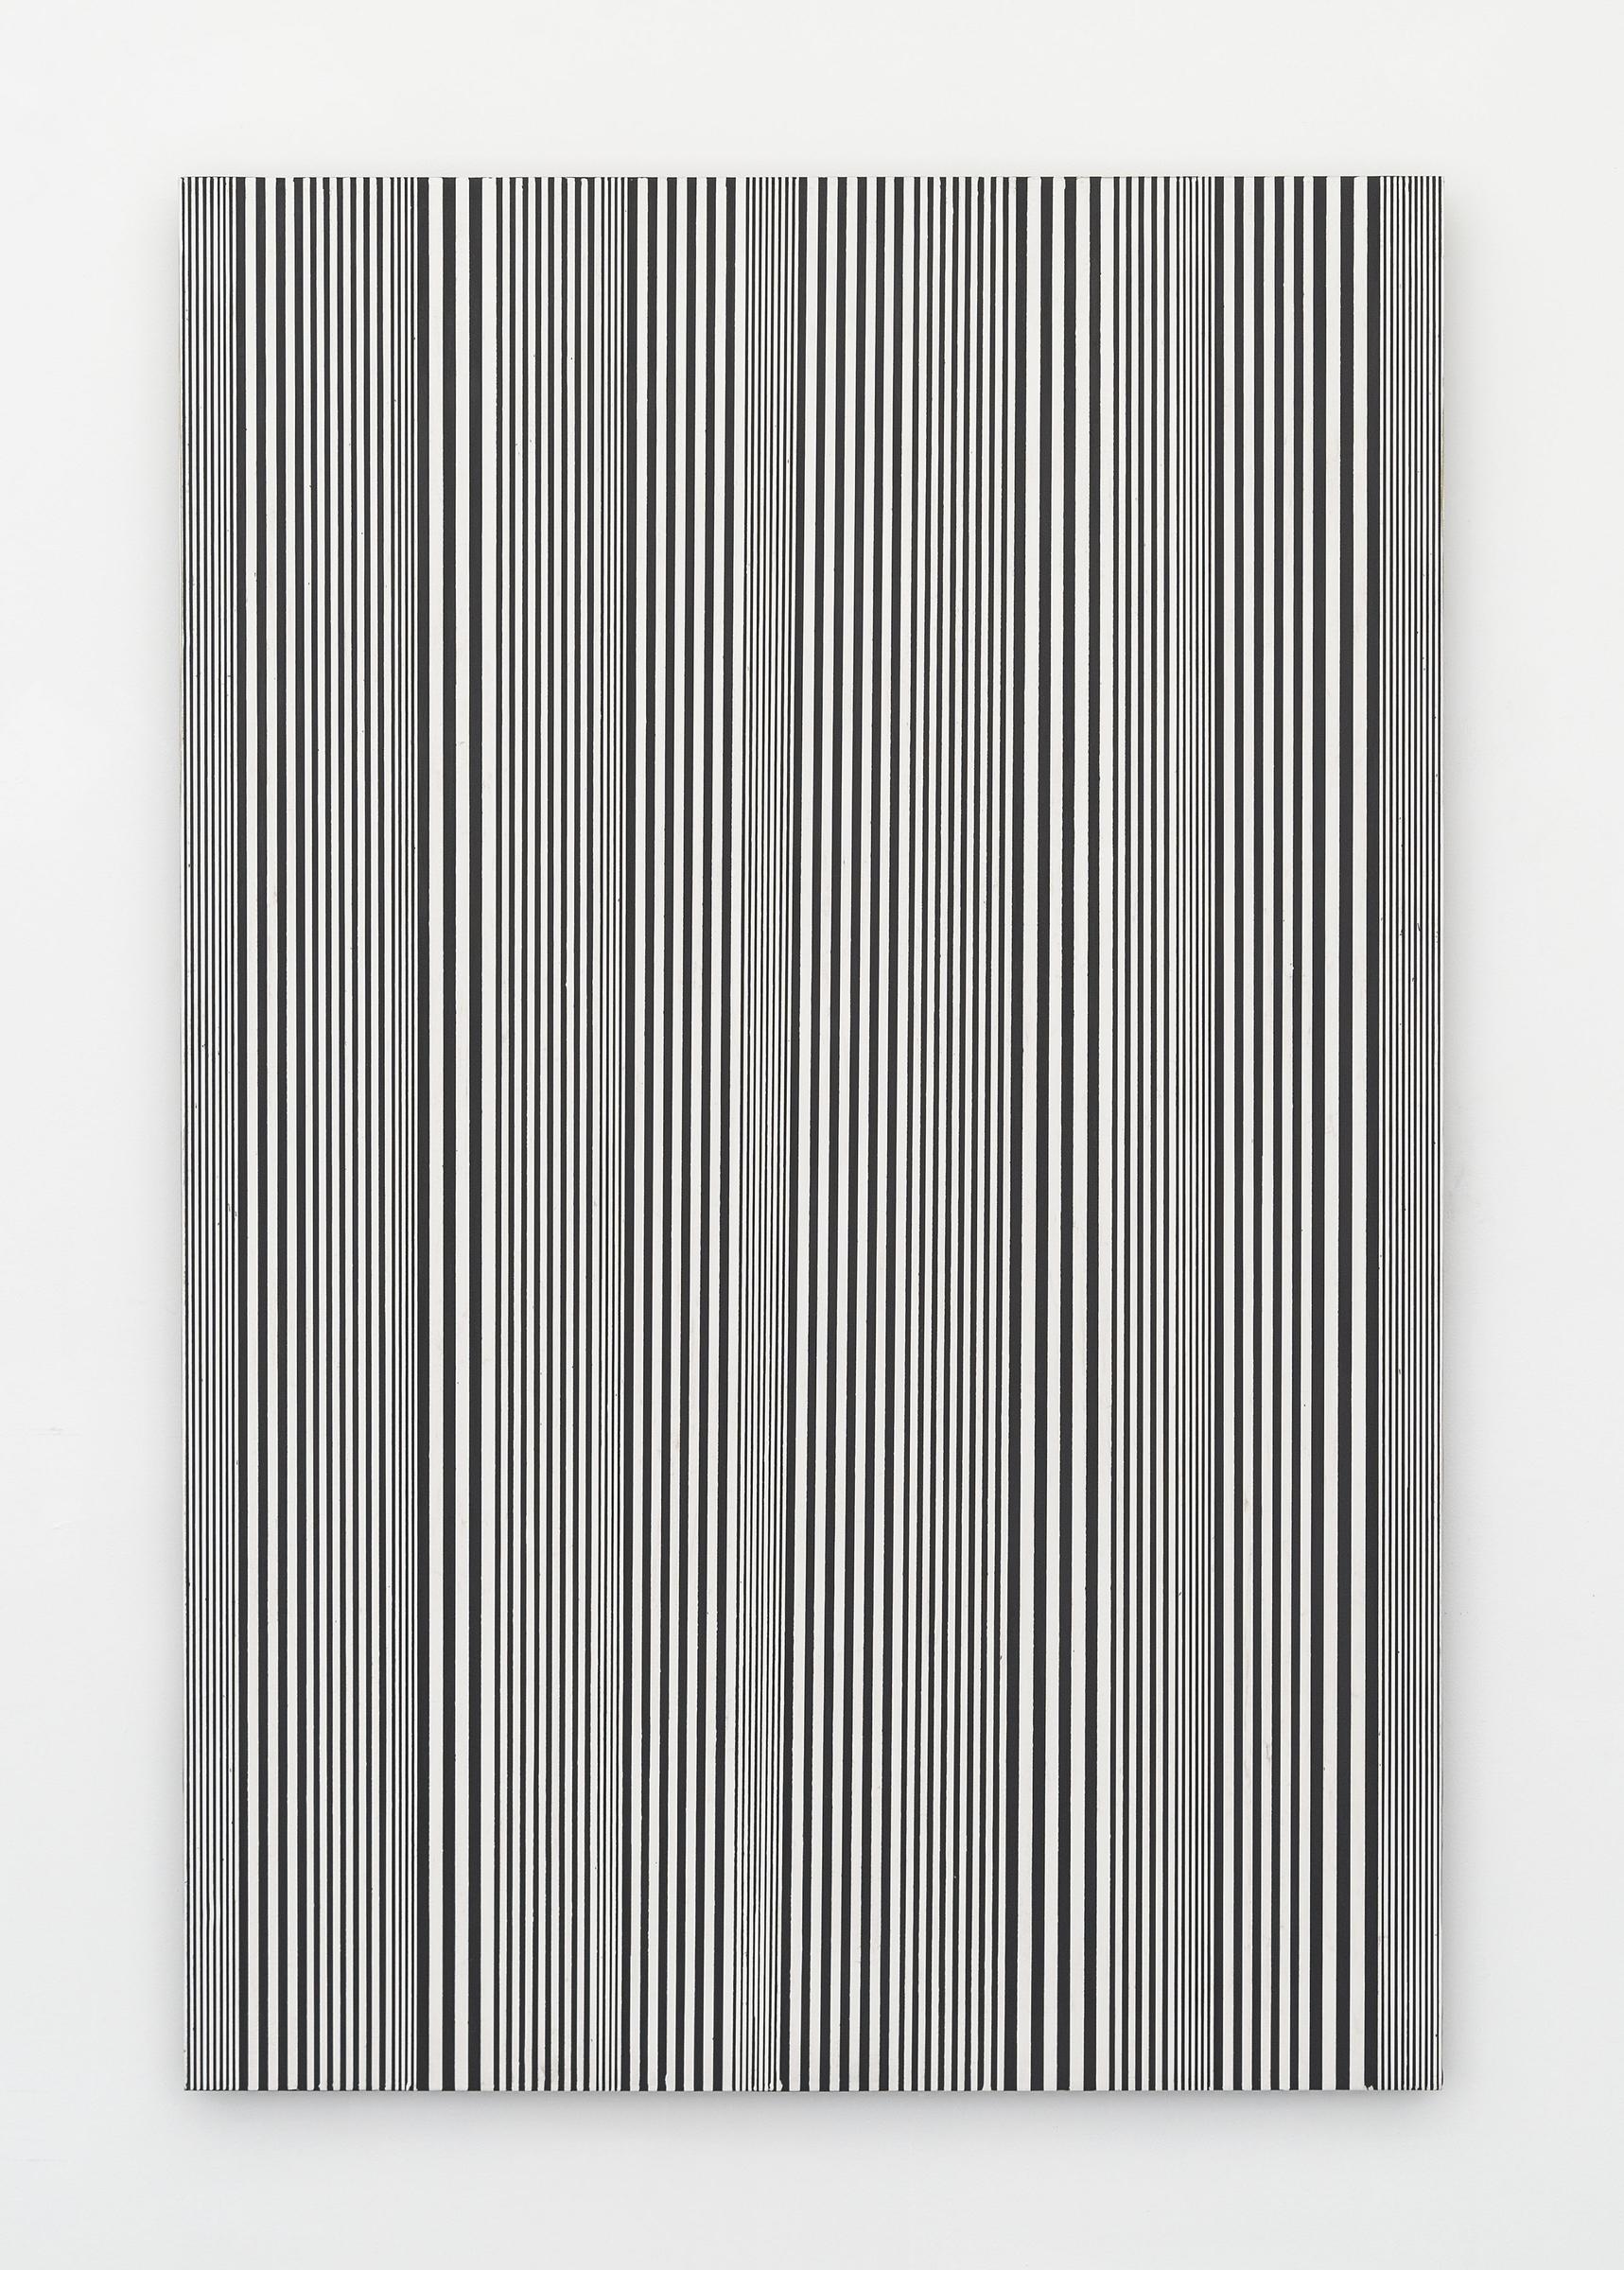 Untitled (#54), 2015 enamel on aluminum 48 x 32 inches